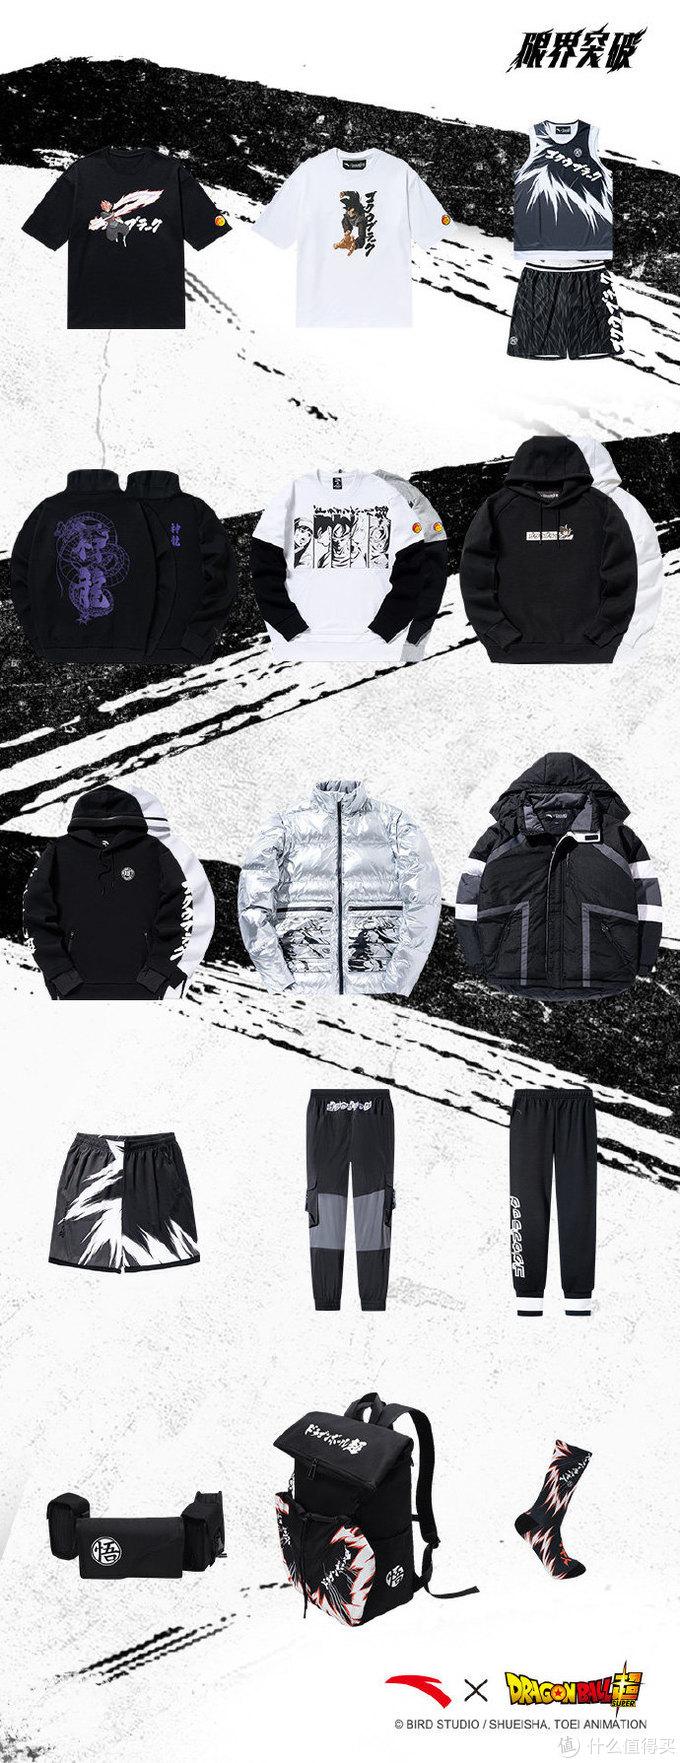 致爱二次元:安踏联动《龙珠超》推出联名系列产品!